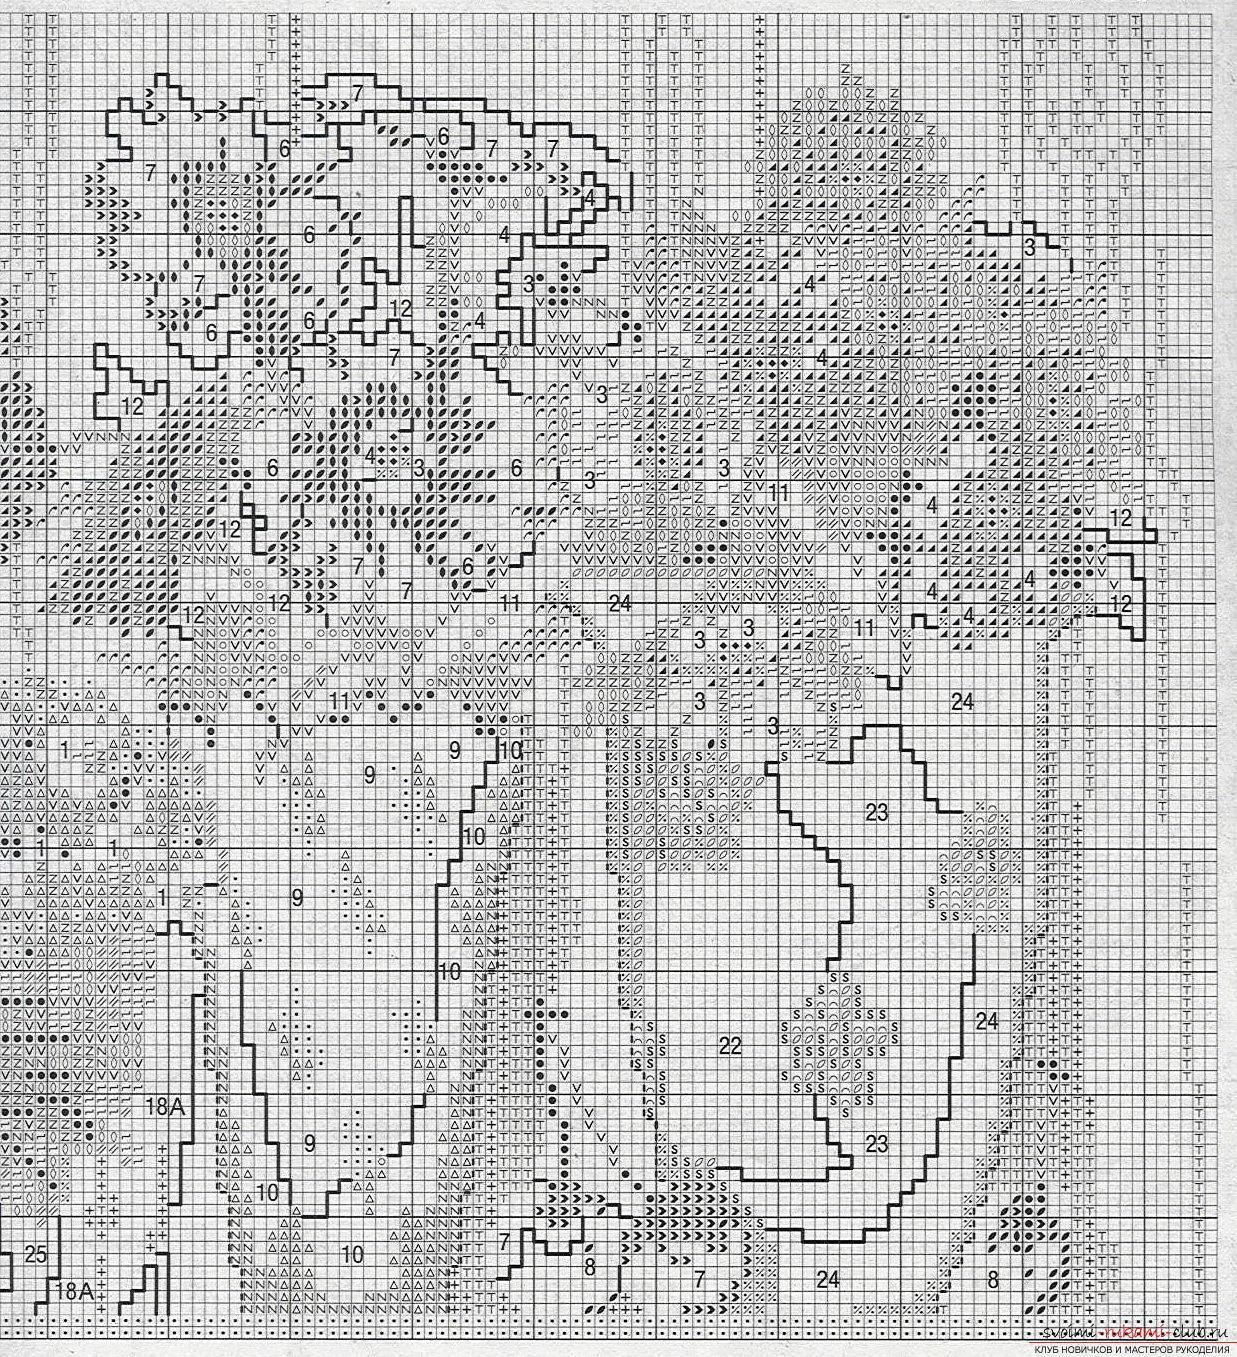 Вышивка крестом различных цветов в вазоне по бесплатным схемам. Фото №7